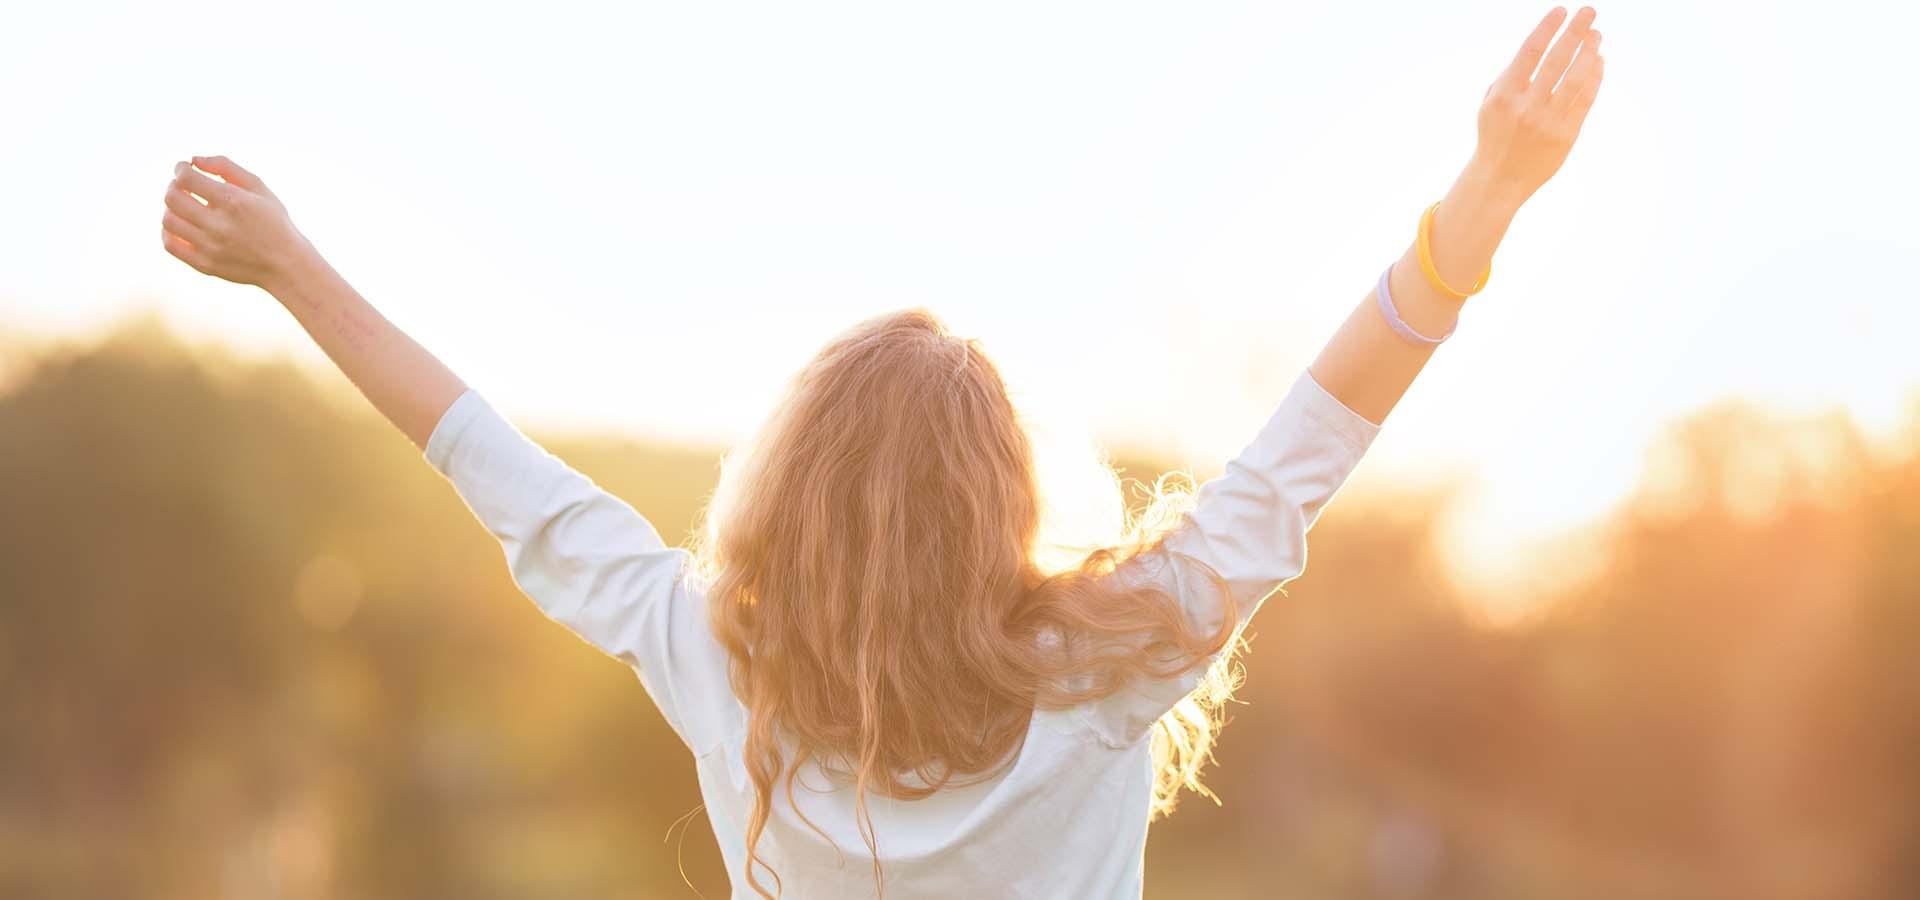 Ενεργειακή Εσωτέρα ΨυχοΘεραπευτική – Η Ολοκληρωμένη Θεραπεία